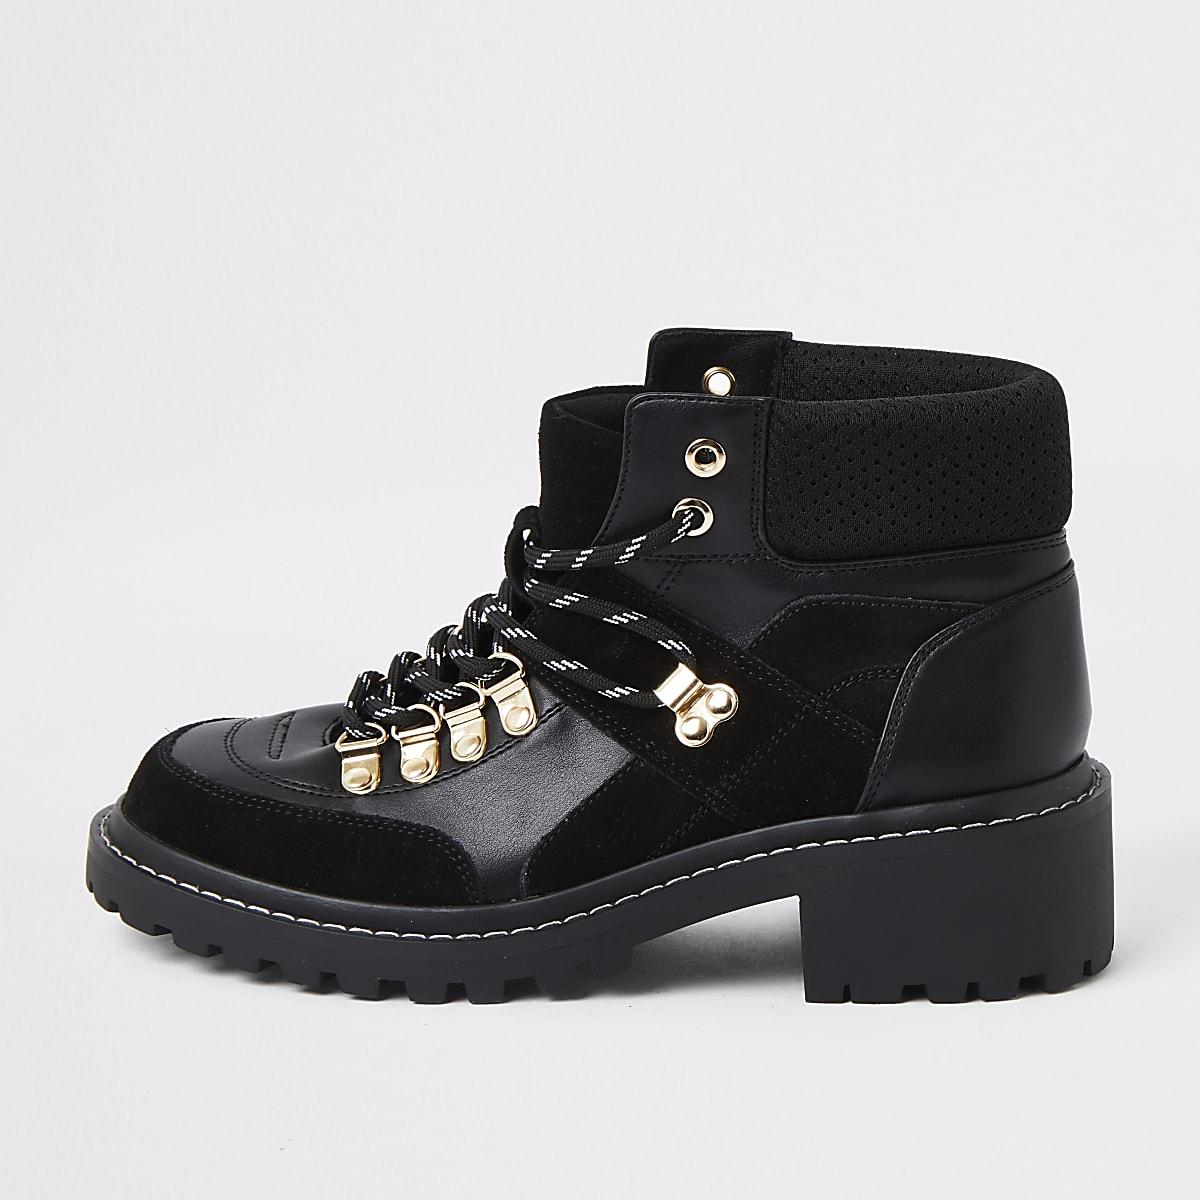 Zwarte enkelhoge wandelschoenen met vetersluiting